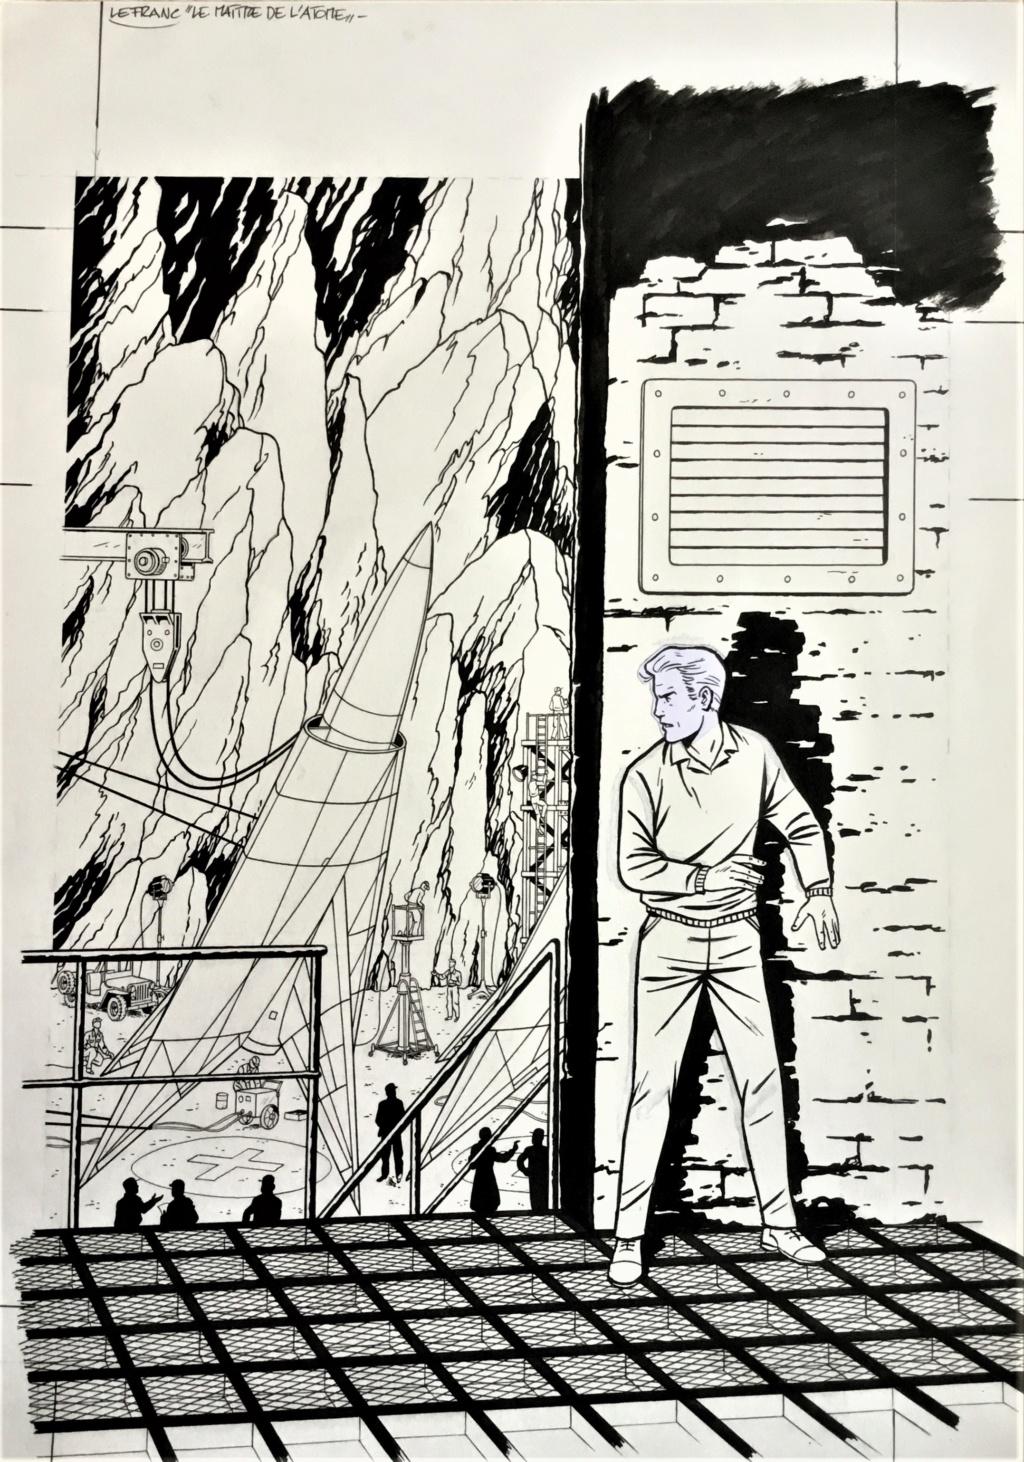 Le maître de l'atome - Page 2 Tayman13